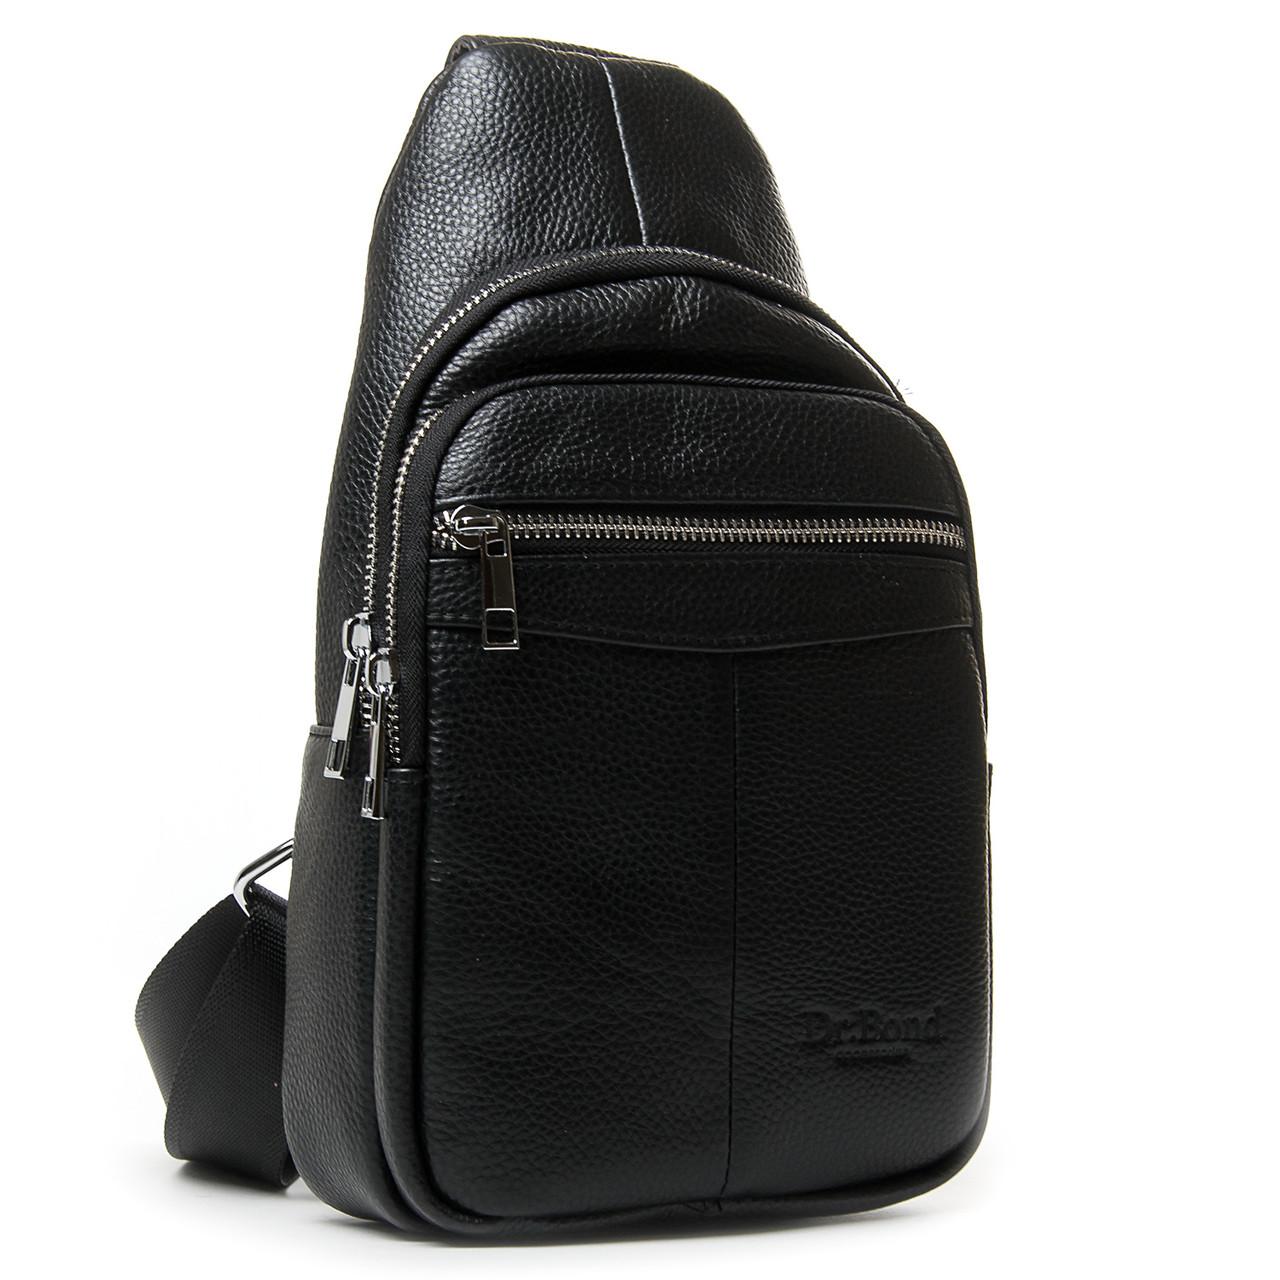 Шкіряна чоловіча сумка слінг crossbody чорна кроссбоди на груди через плече Dr. Bond 698